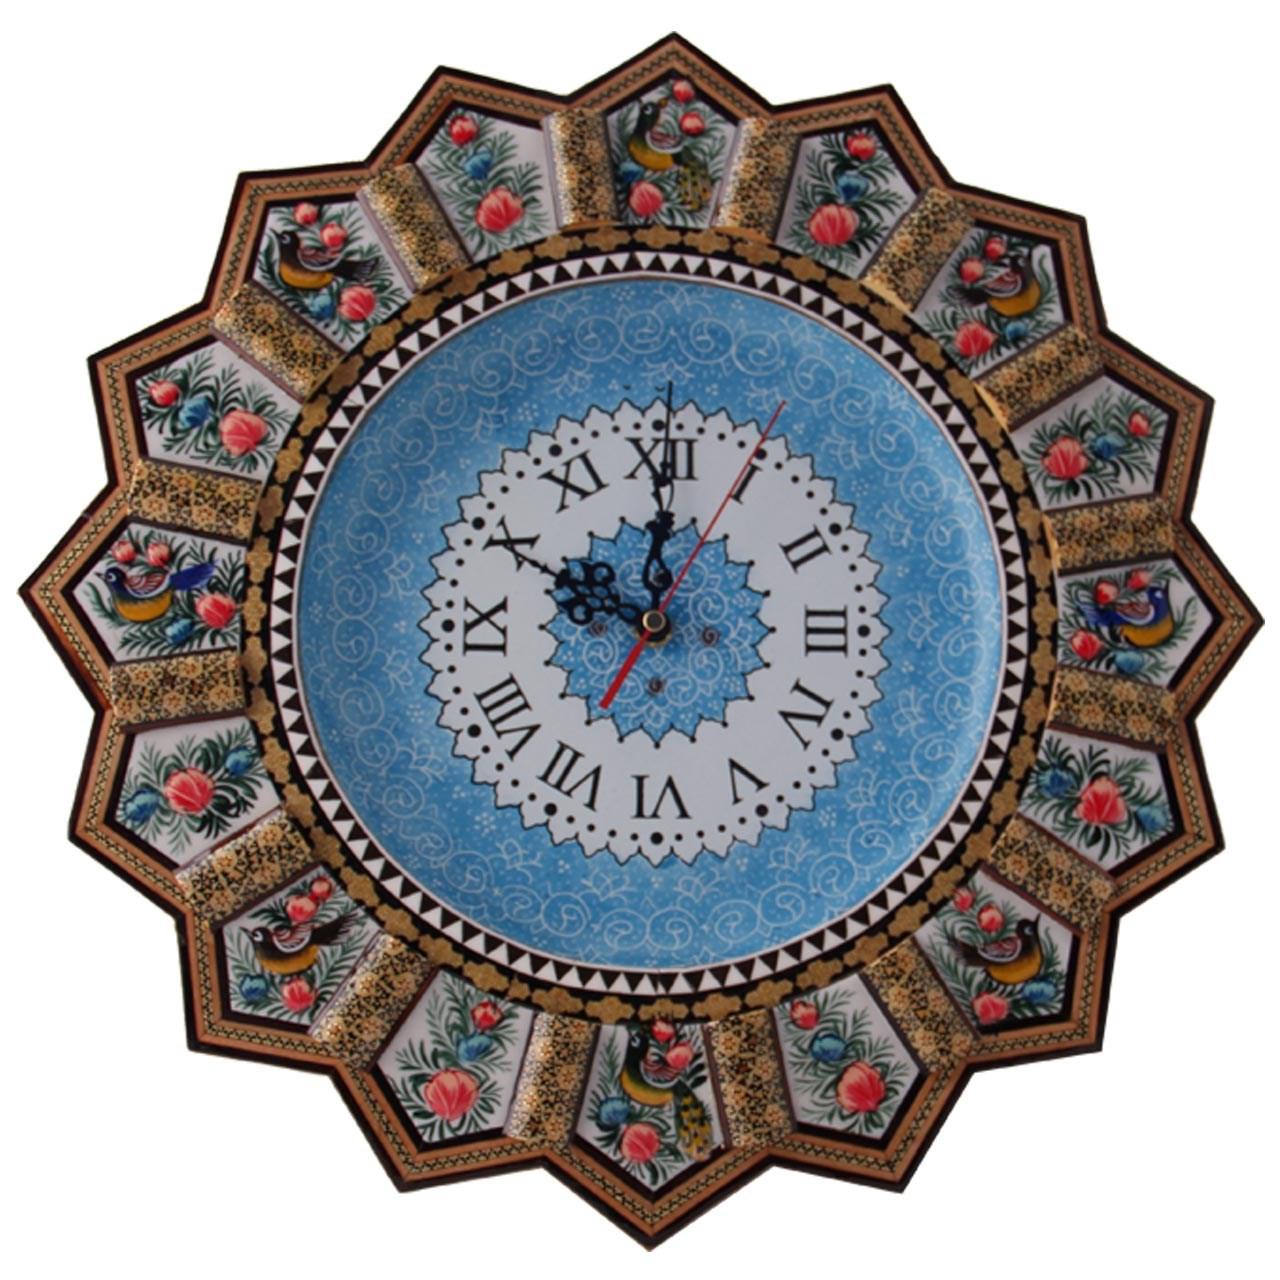 ساعت دیواری خاتم و میناکاری مارکت لند کد Mkh165